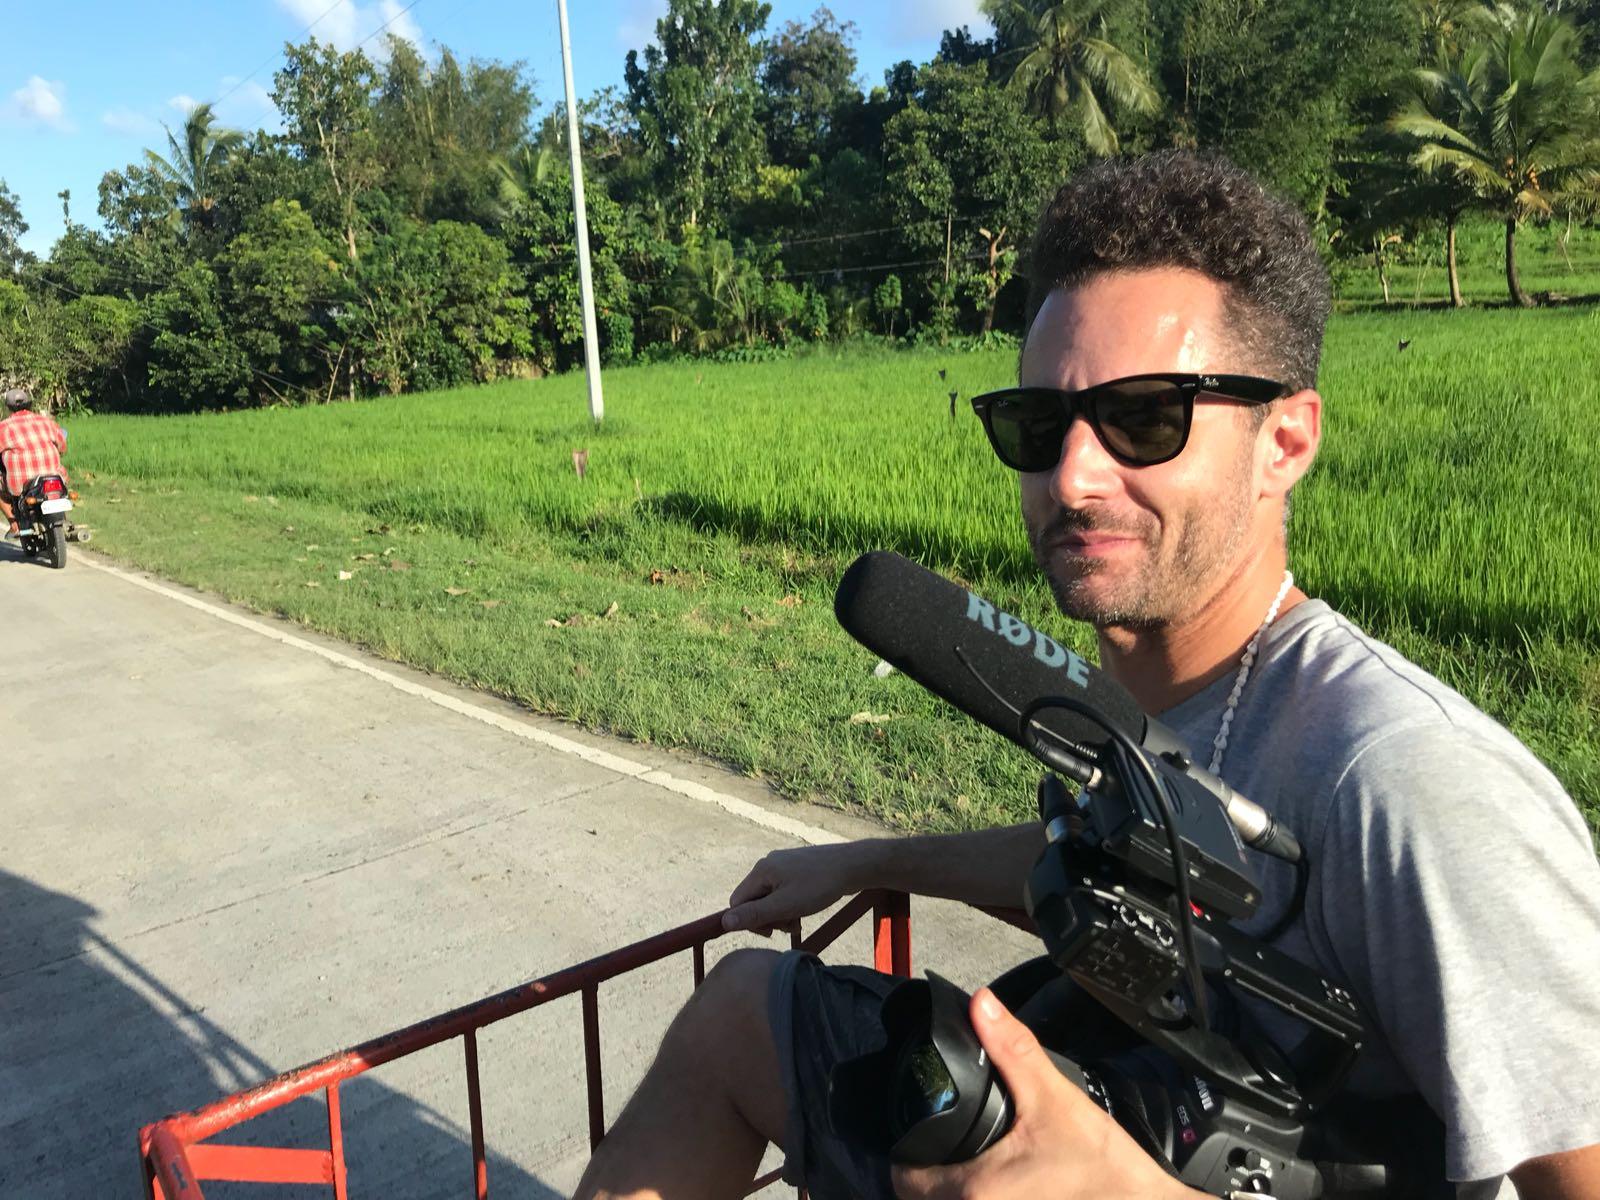 Nick O'Meally, Philippines, Fresh Start Media, for the Global Teacher Awards